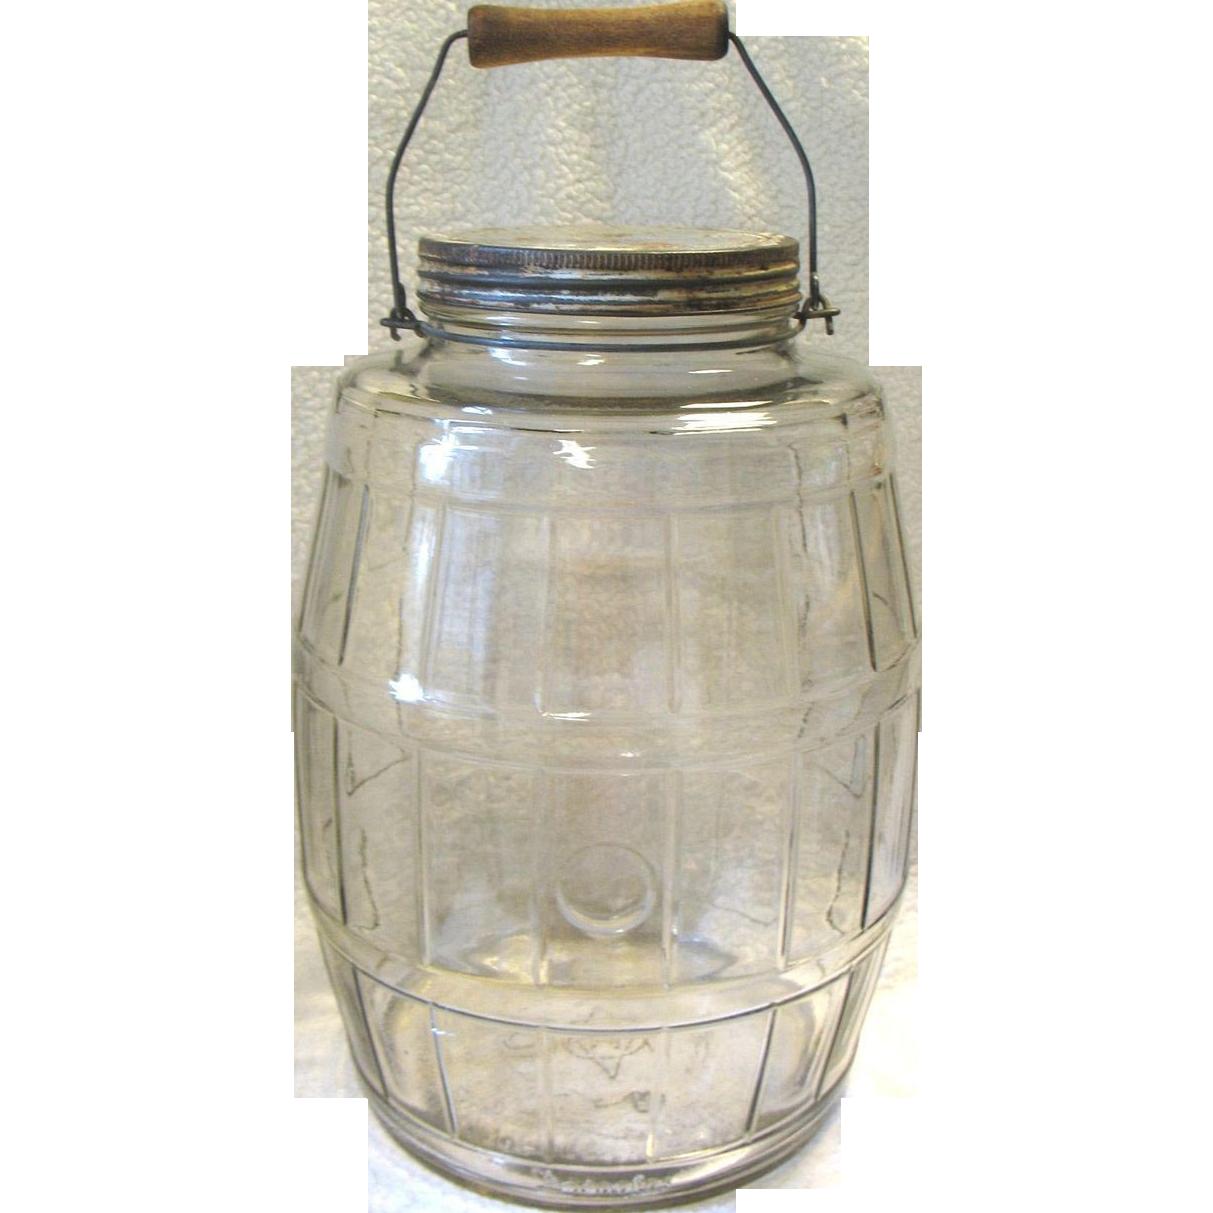 big vintage glass pickle barrel jar bale wood handle duraglas 2 12 sold ruby lane - Large Glass Jars With Lids